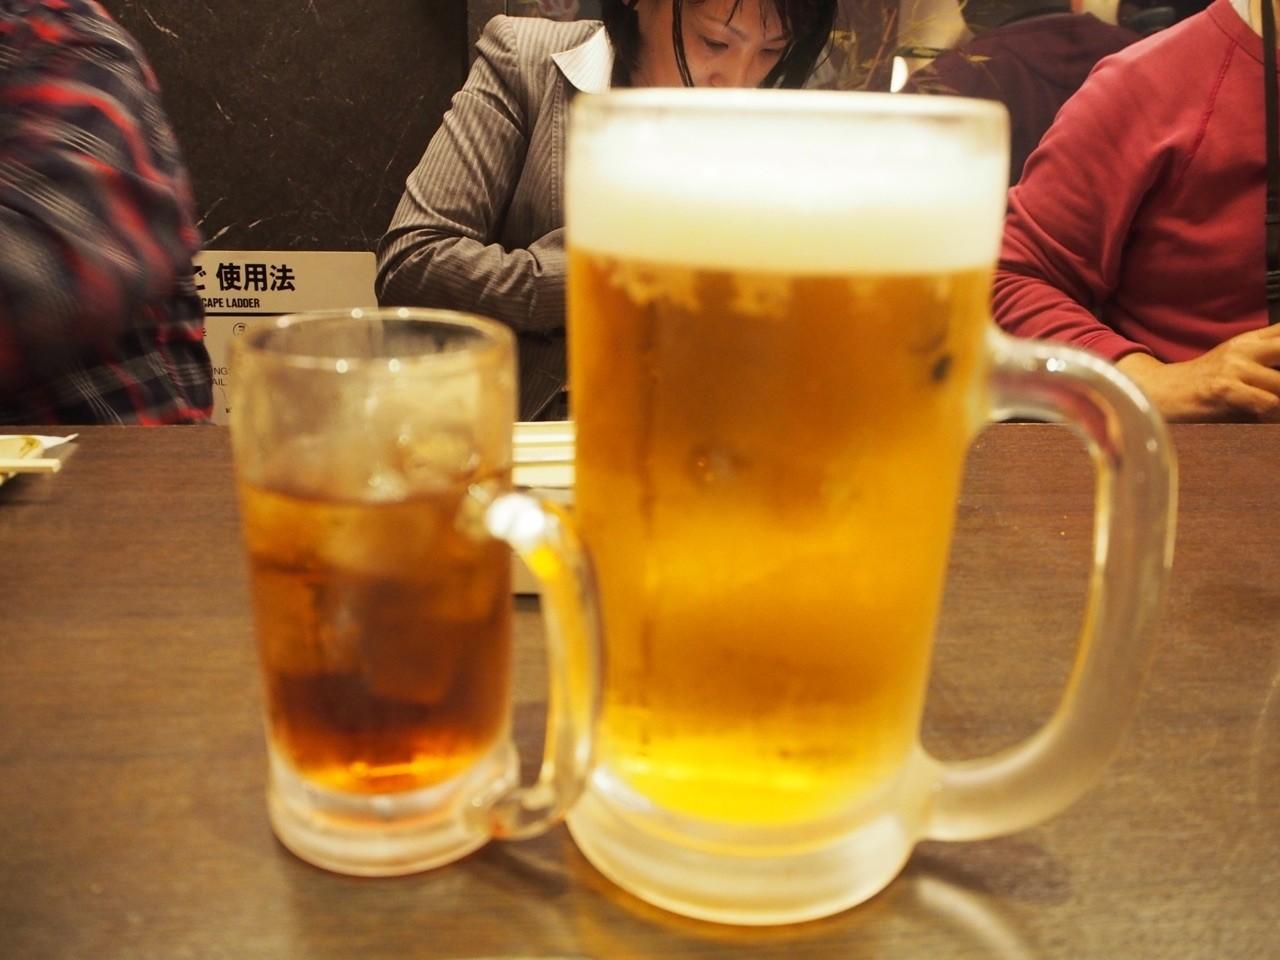 日本大阪巨無霸生啤酒